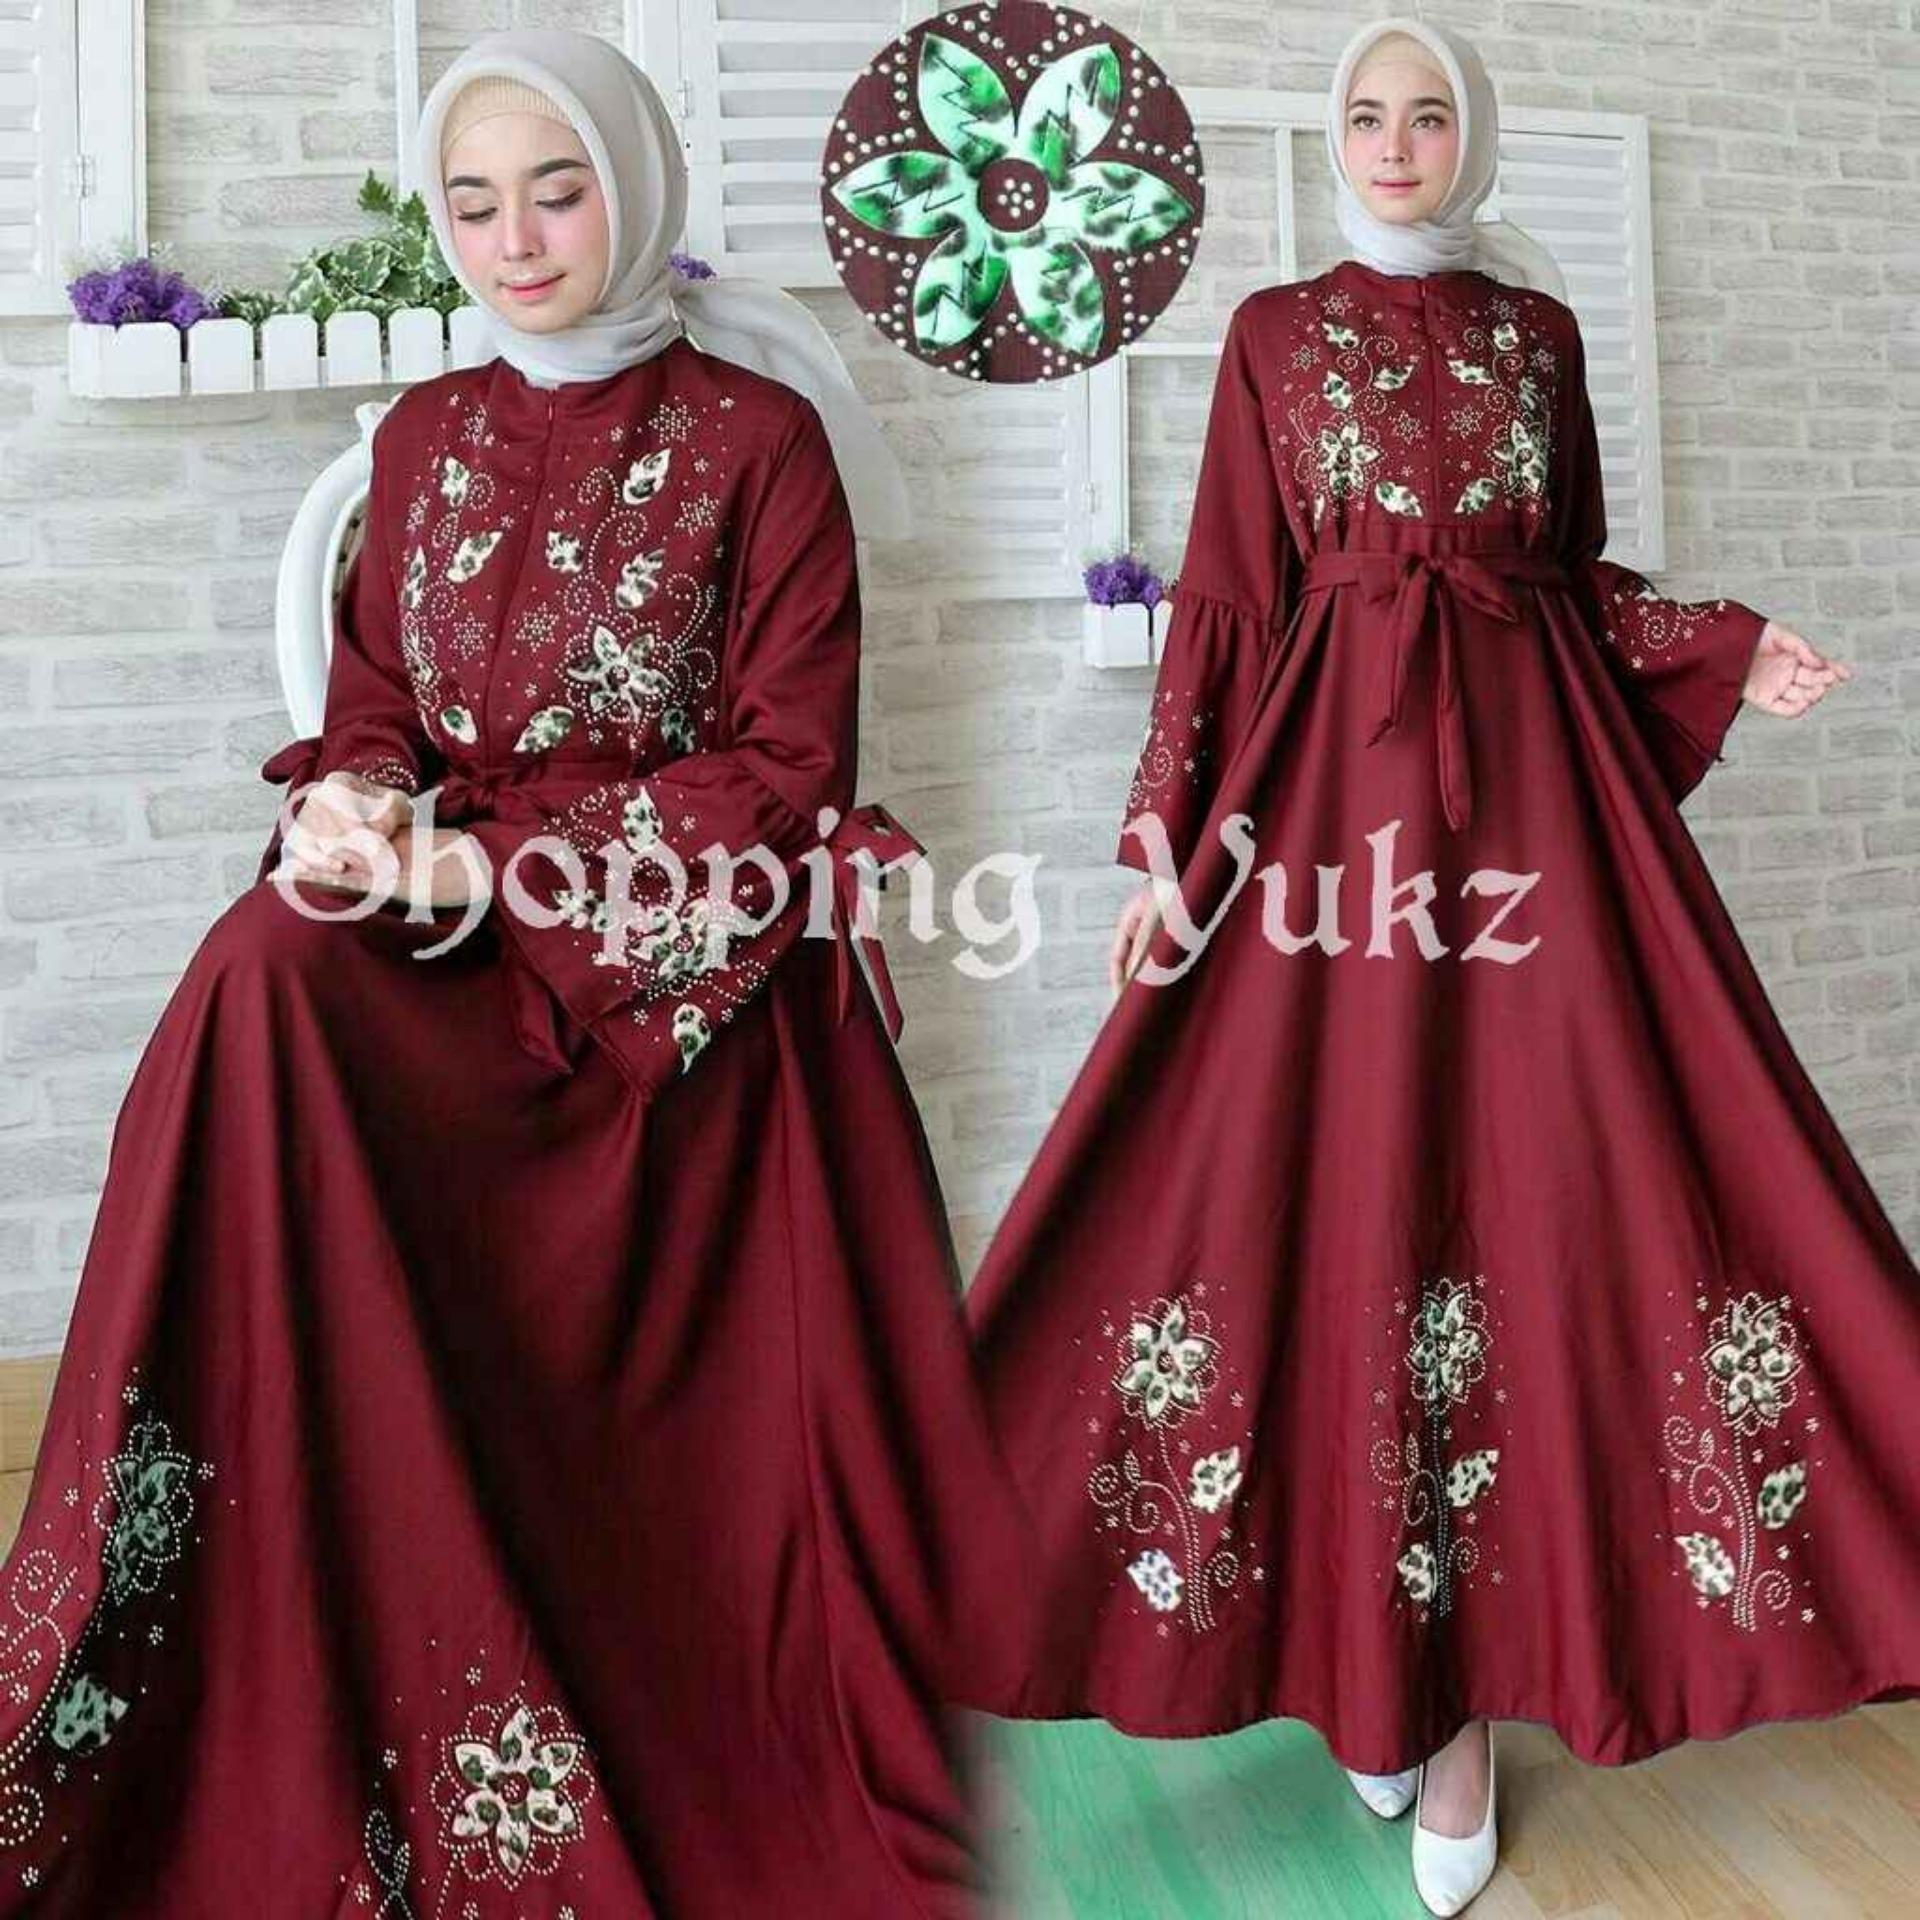 Shopping Yukz Baju Gamis Dress Muslim Syari Wanita MAXI FLOWER MAROON ( Tanpa Jilbab ) / Hijab Muslimah / Baju Muslimah Wanita / Syari Syari'i Muslim / Gaun Muslim / Long Dress Muslimah Wanita